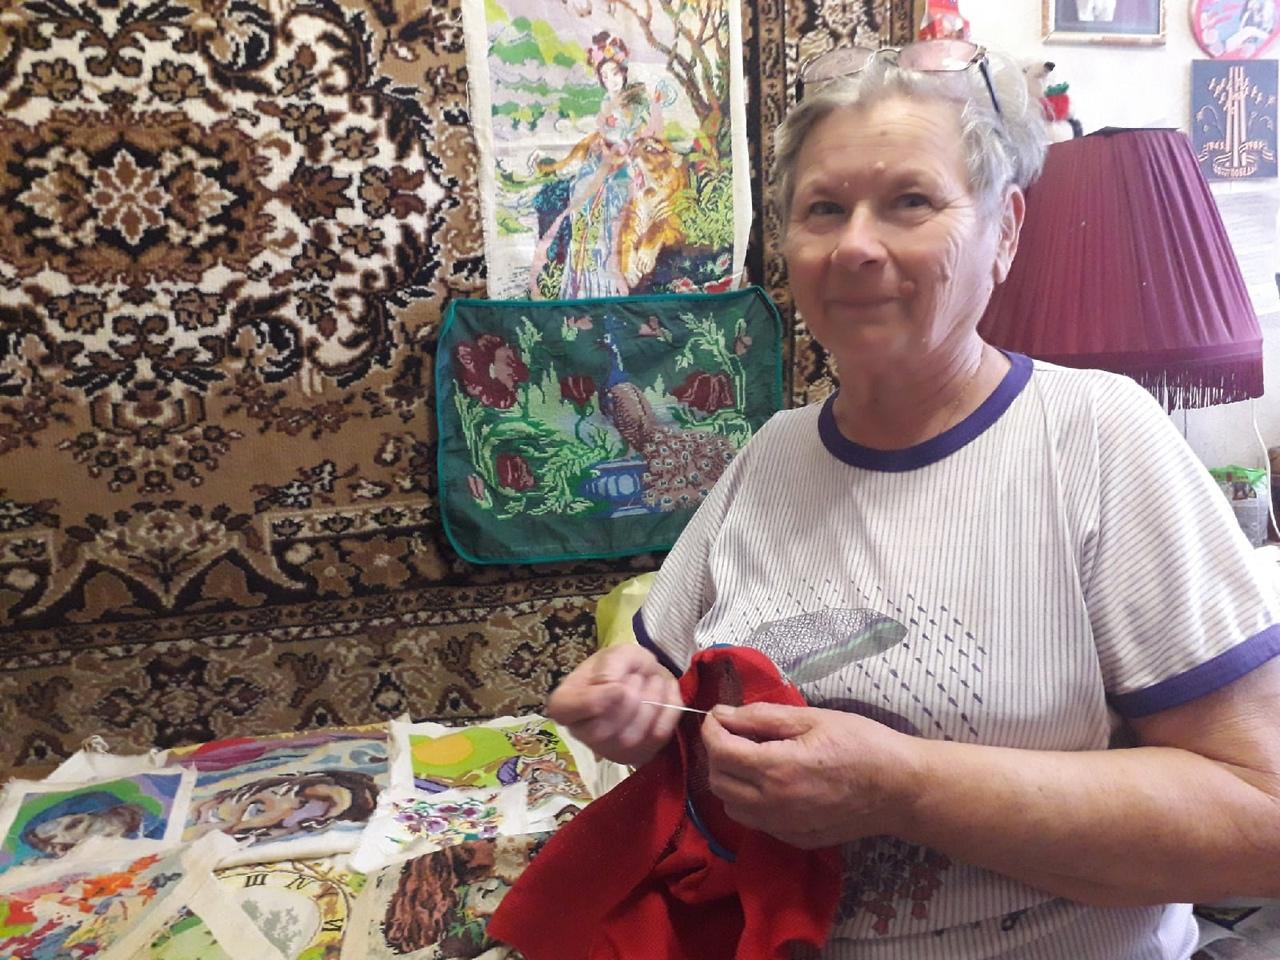 Петровчанка Нина Гавриловна ЕЖОВА участвует в проекте #АктивноеДолголетие64